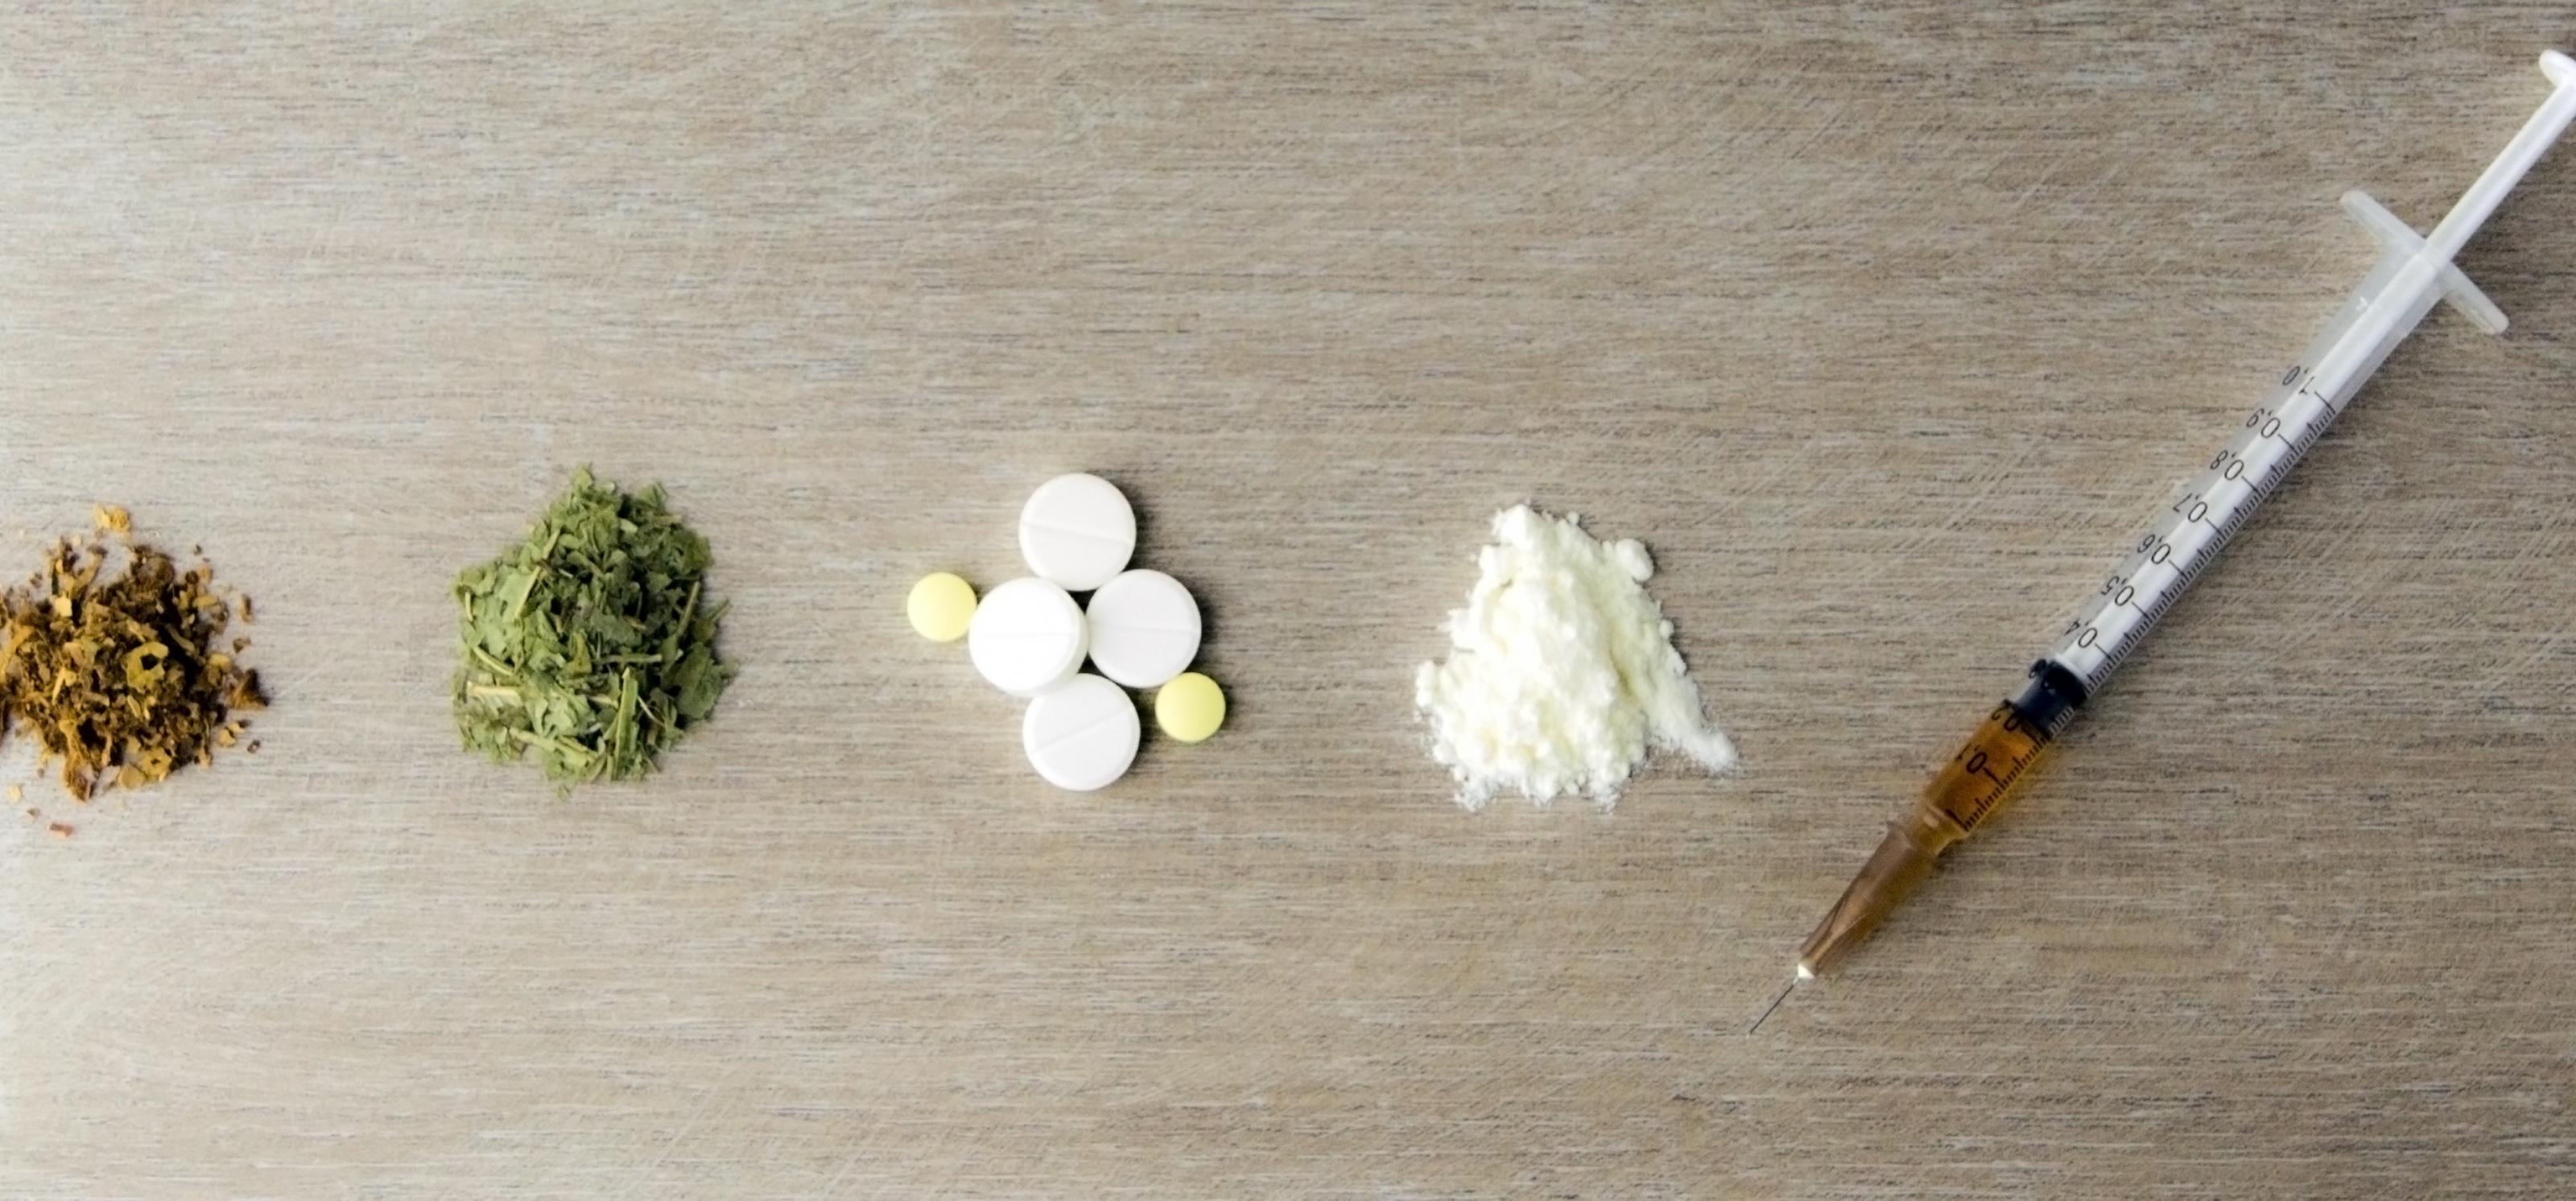 Verschiedene Drogen im Überblick